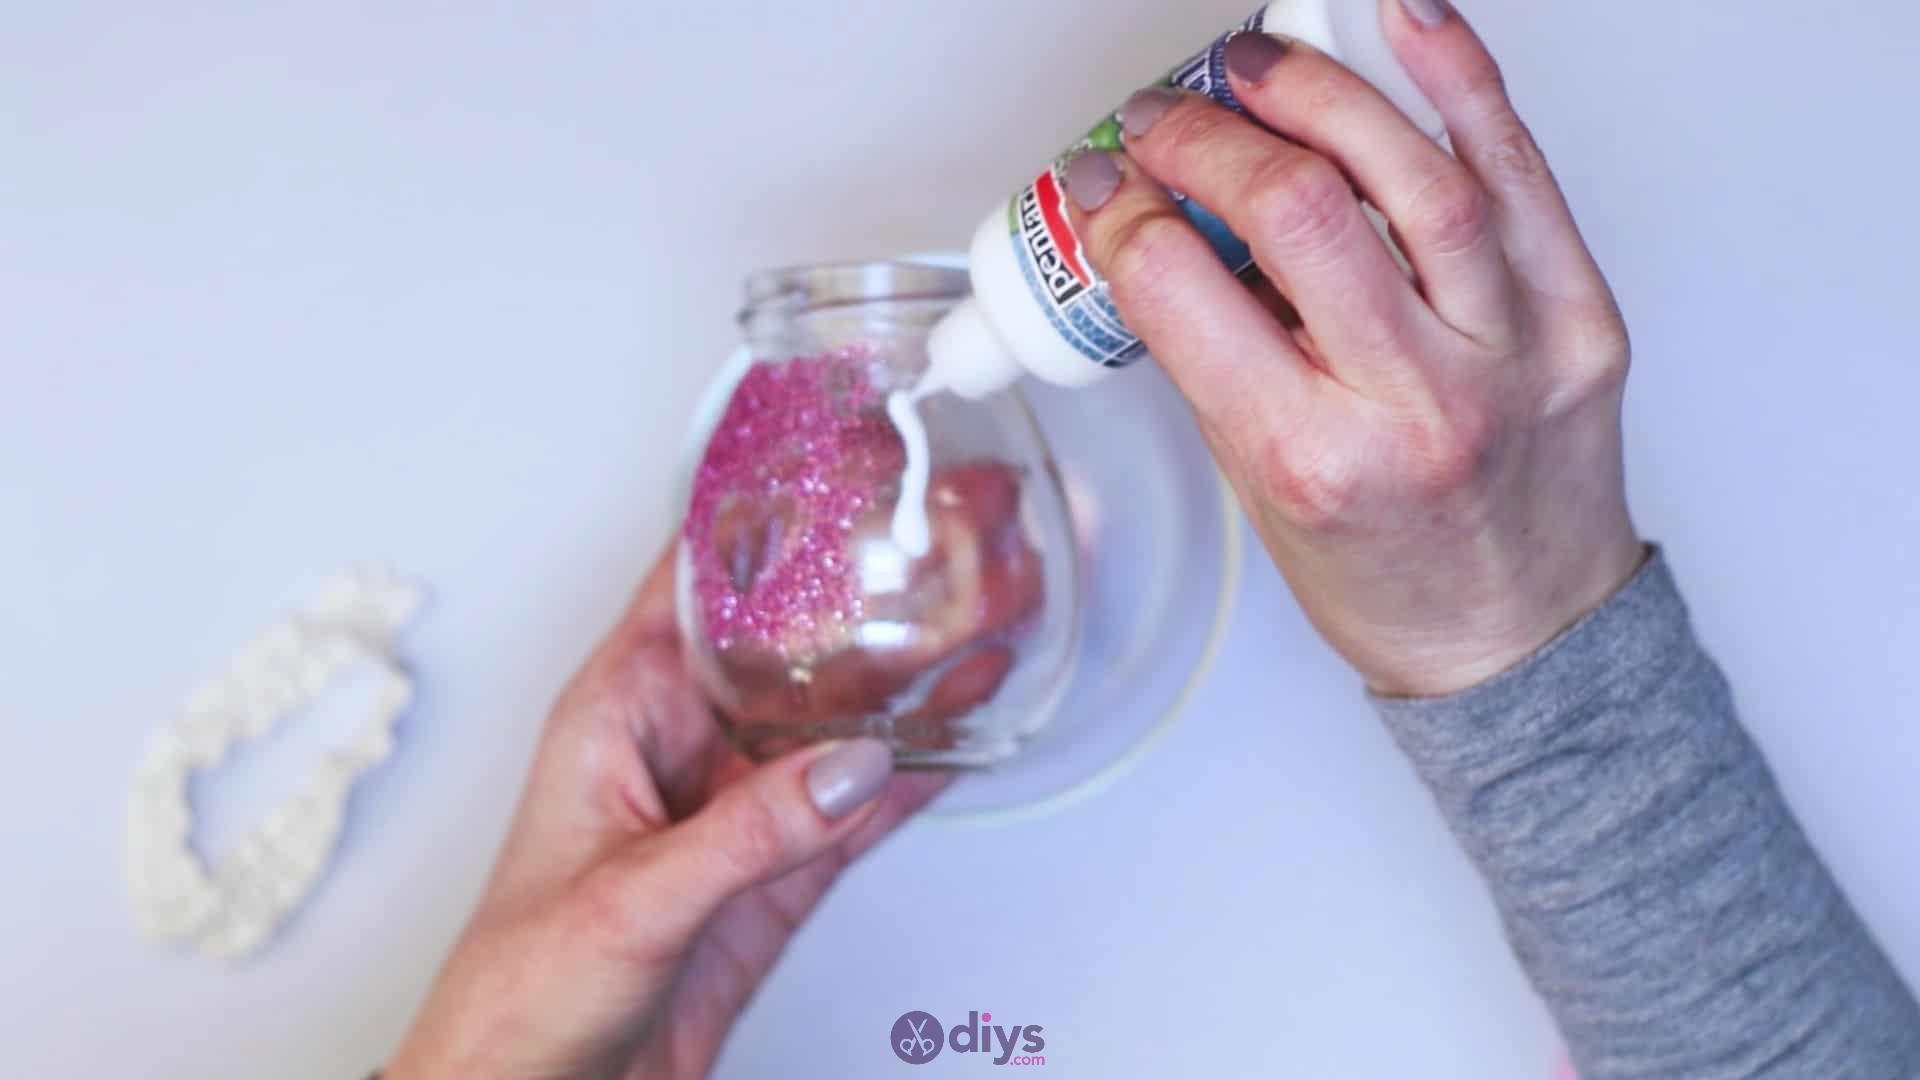 Diy flower glitter vase from glass jars step 6